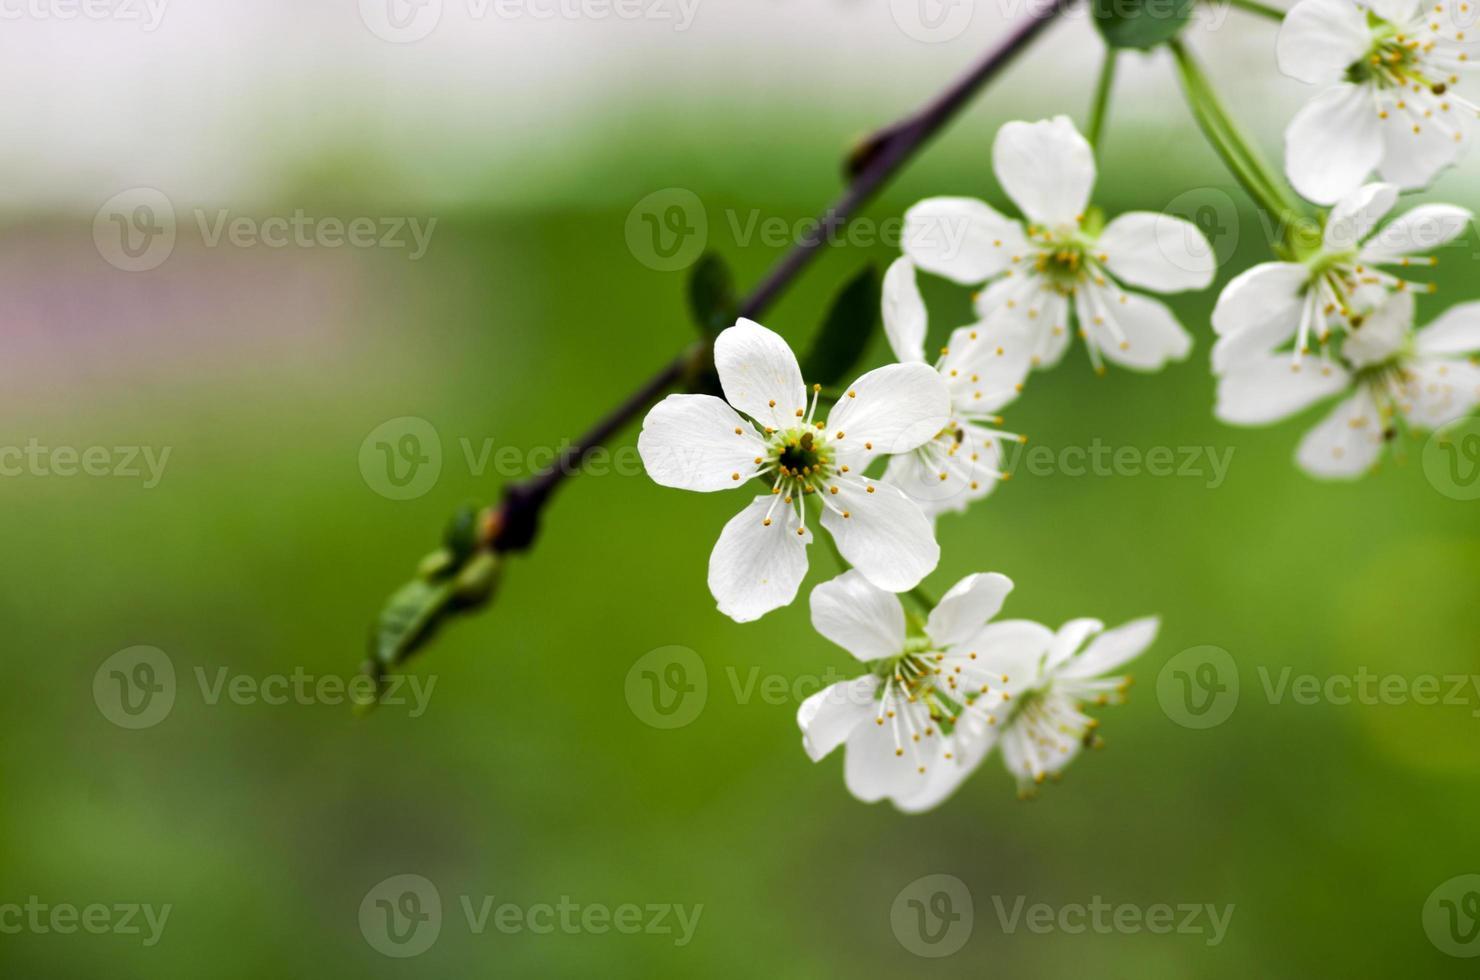 kersenbloesem close-up over natuurlijke achtergrond foto